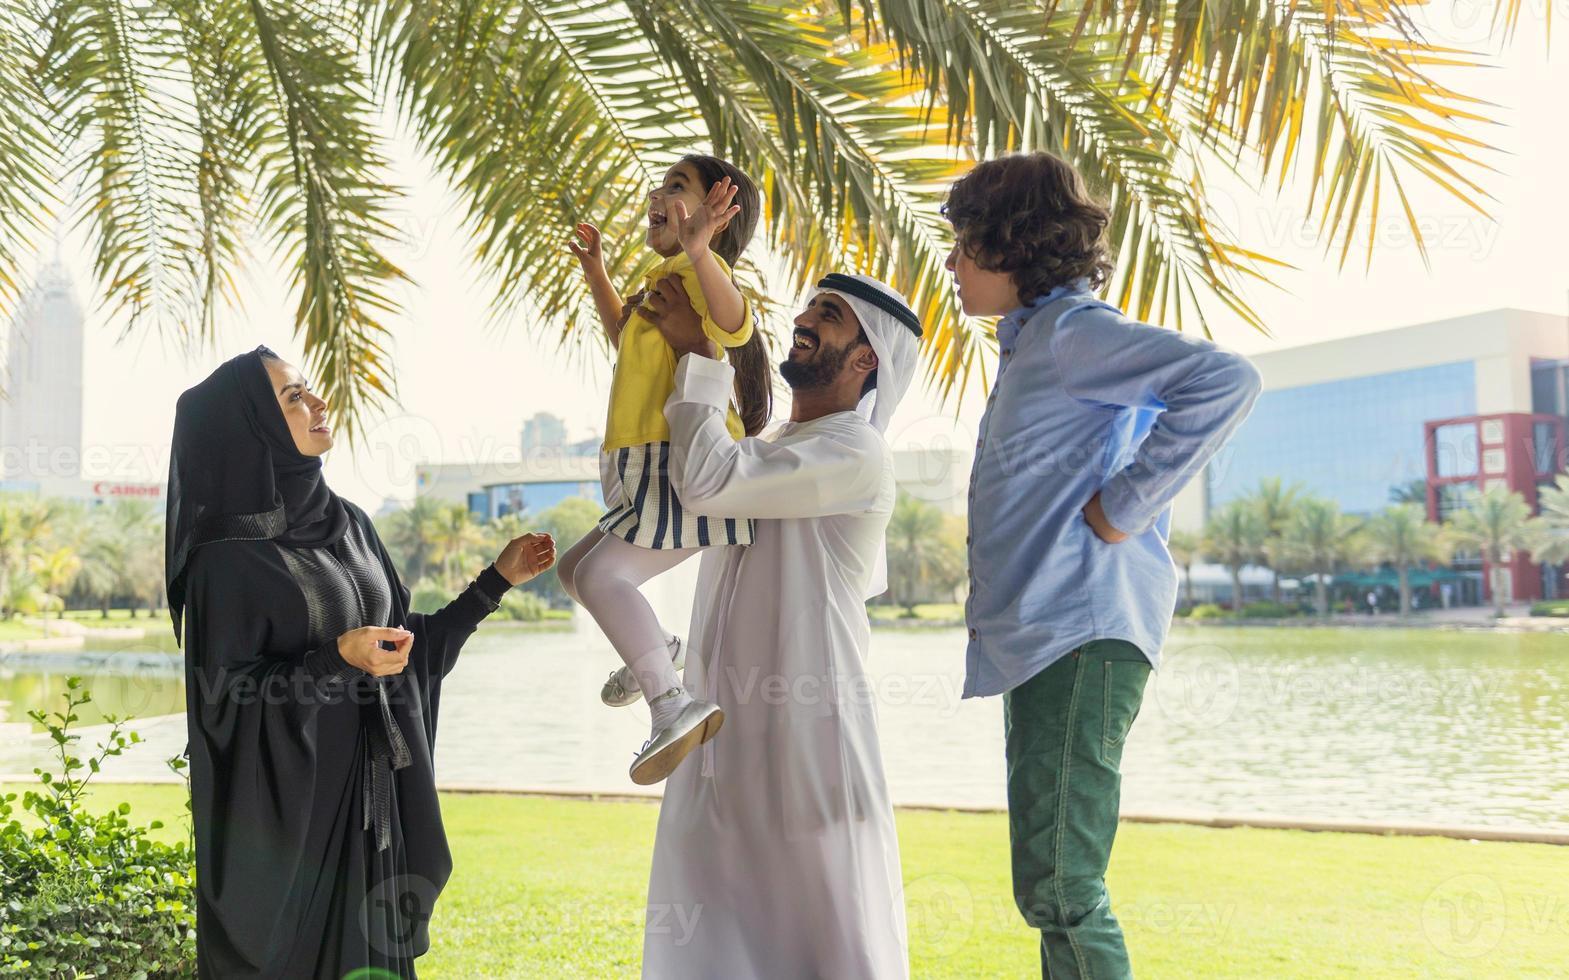 Familia emiratí fotografiada en un parque foto